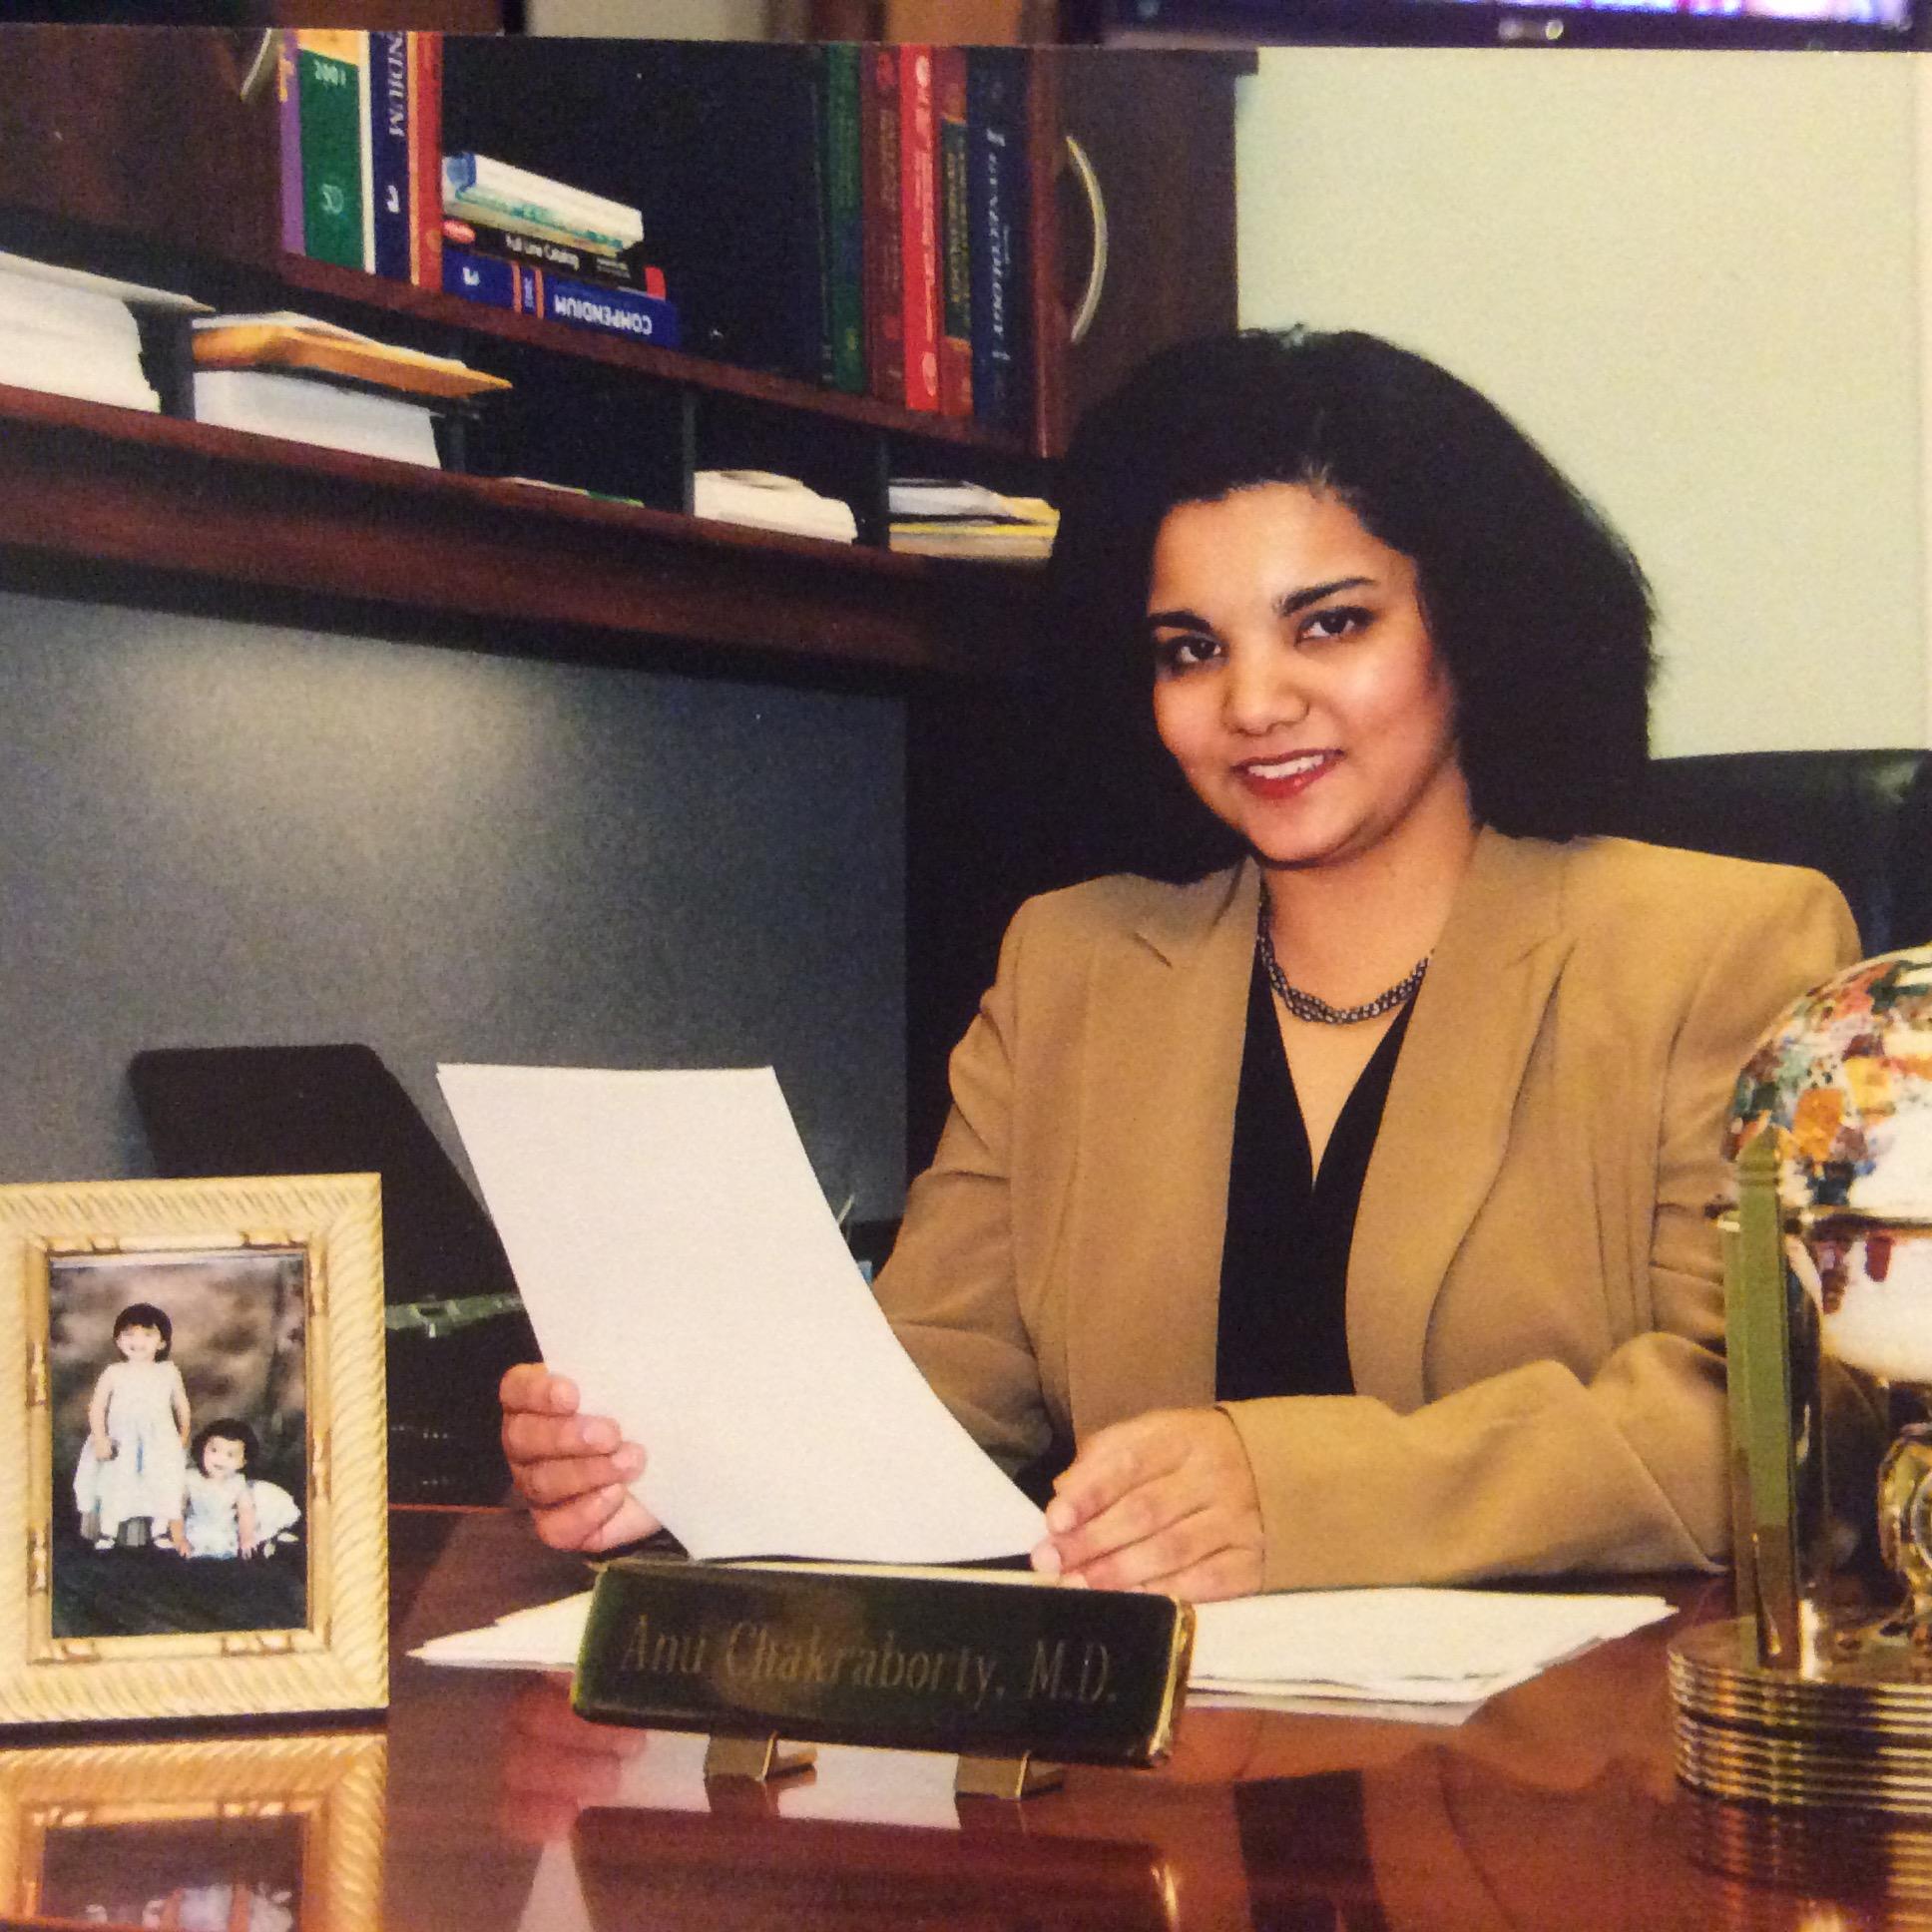 Anu Chakraborty, MD